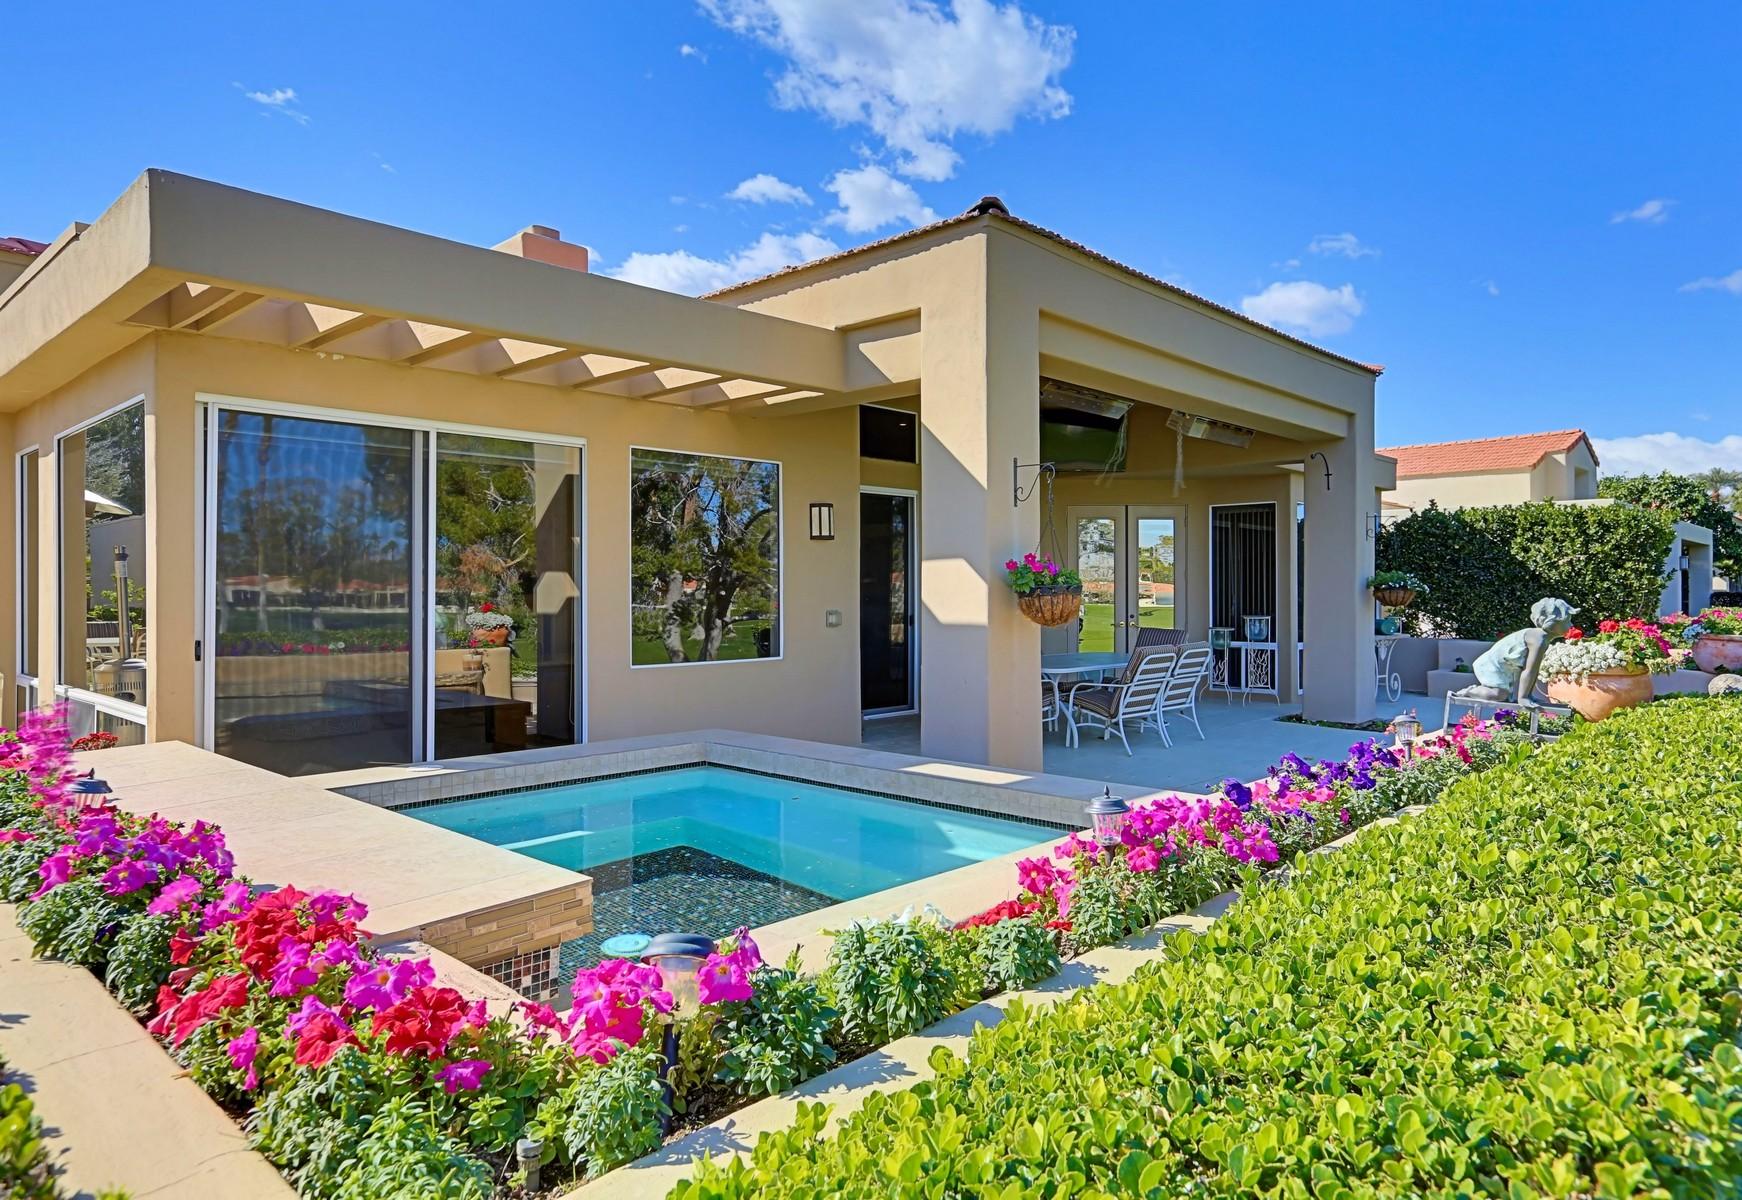 단독 가정 주택 용 매매 에 75354 St Andrews Court Indian Wells, 캘리포니아, 92210 미국